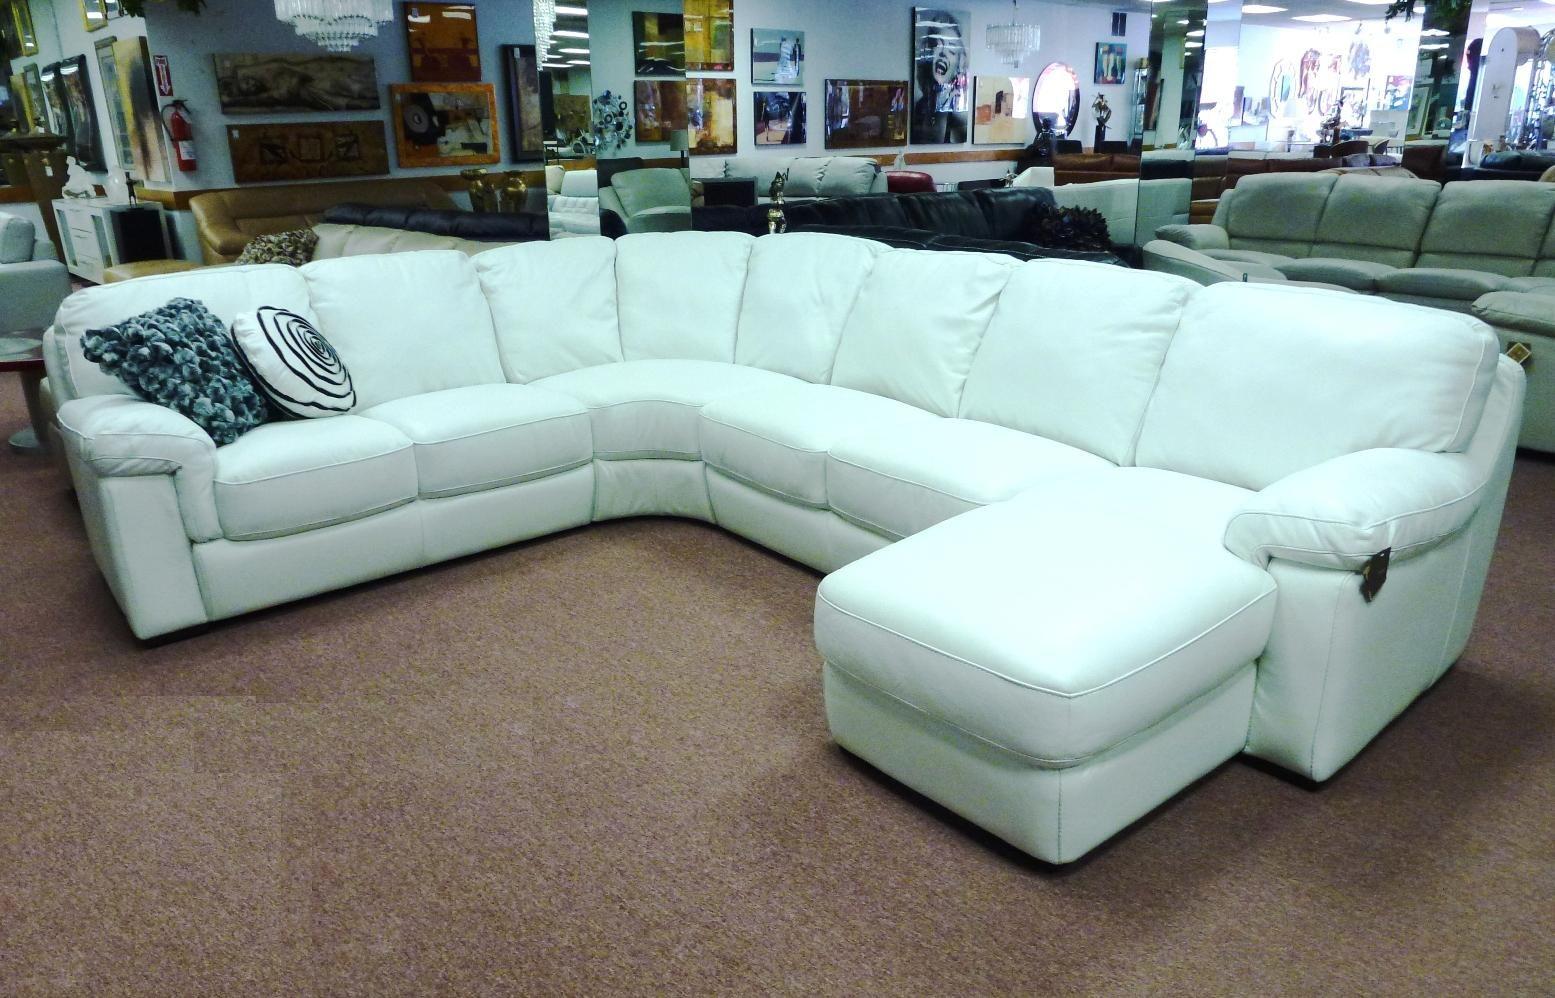 Natuzzi Editions B626 White 4 Piece Leather Sectional Regular Price 4 700 00sale Price 3 699 Leather Sectional White Leather Sofas Leather Sectional Sofa